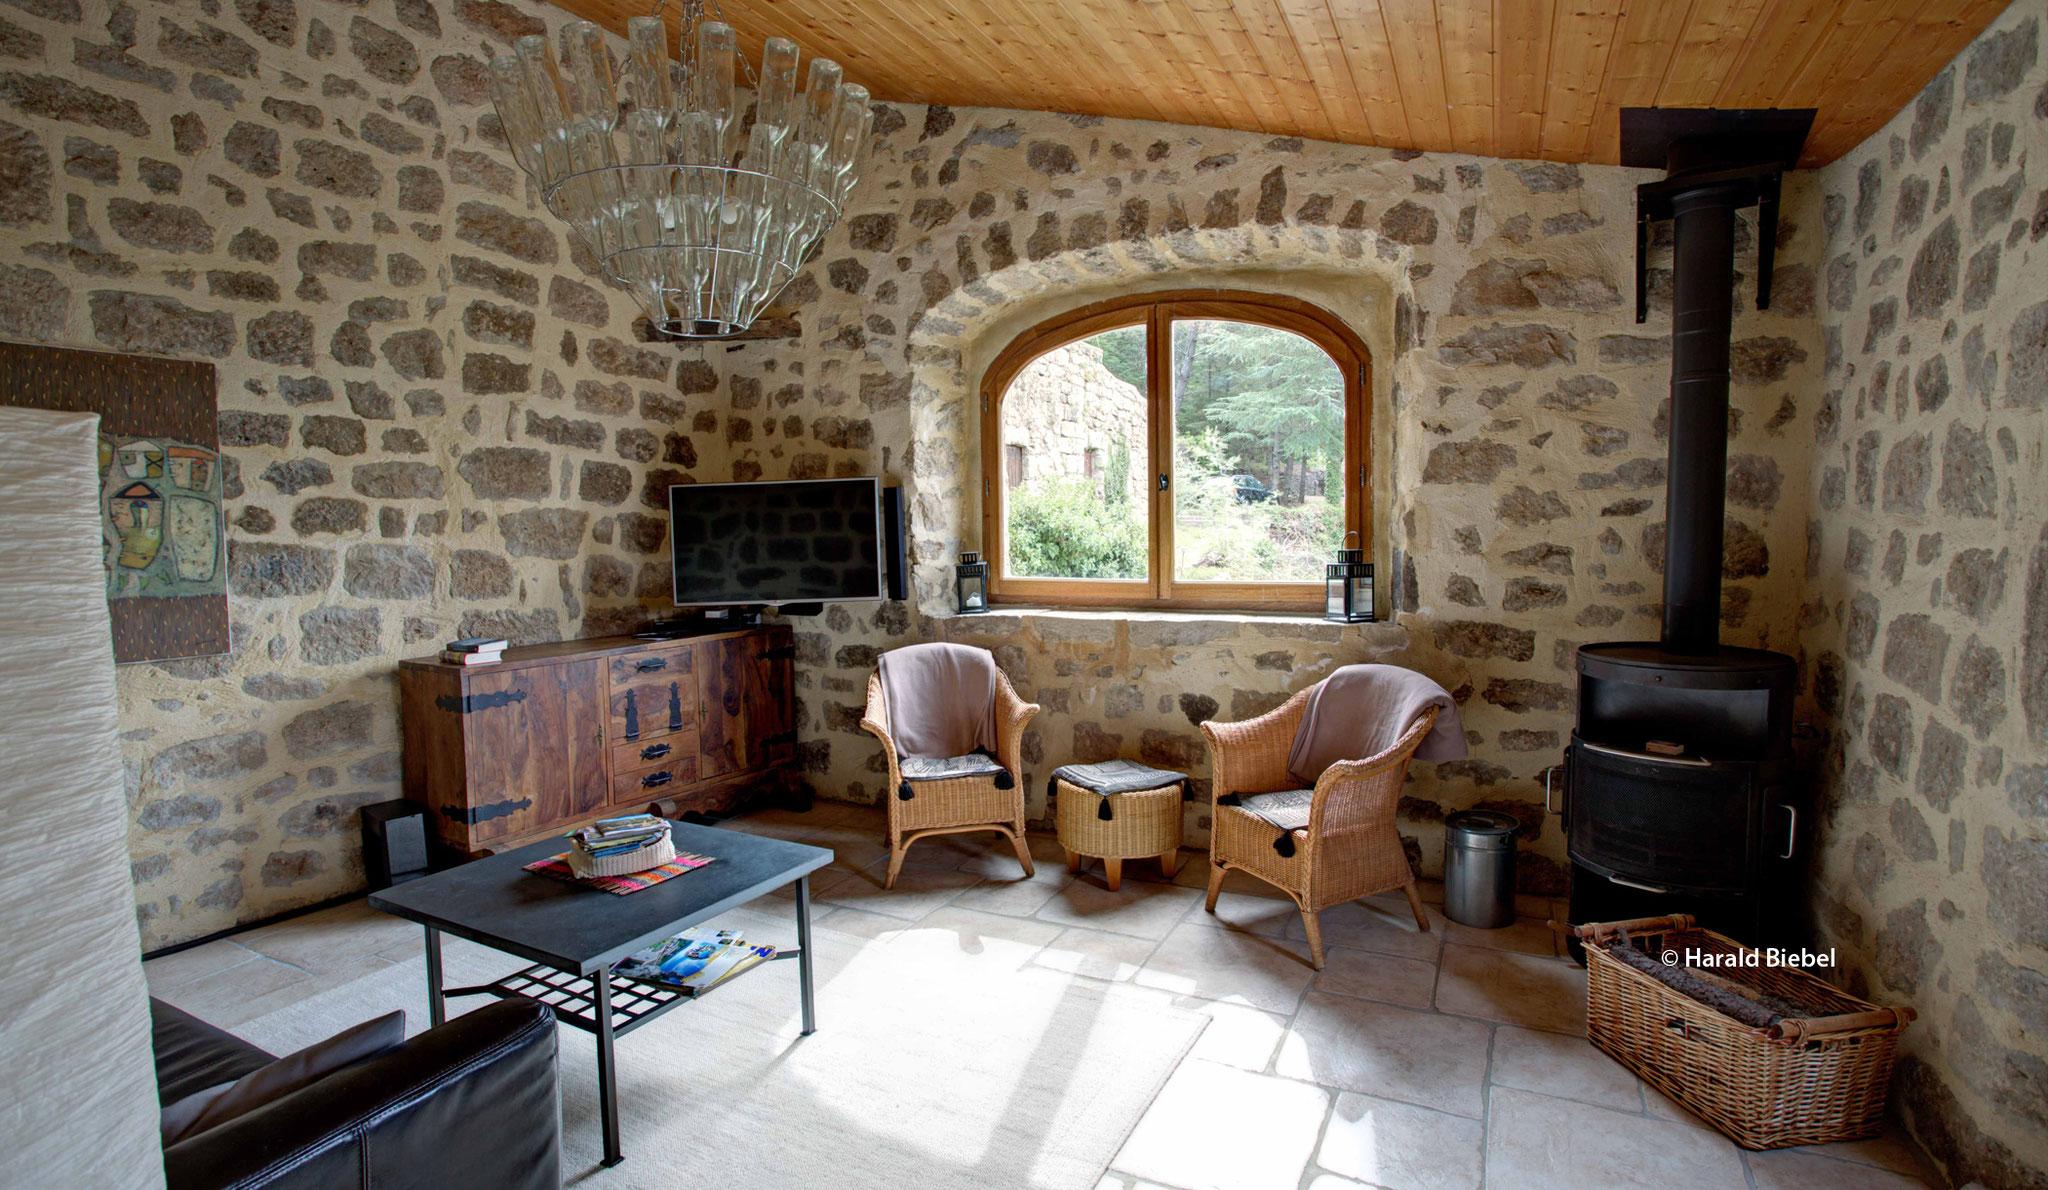 Wohnzimmer mit Couch und Kaminofen